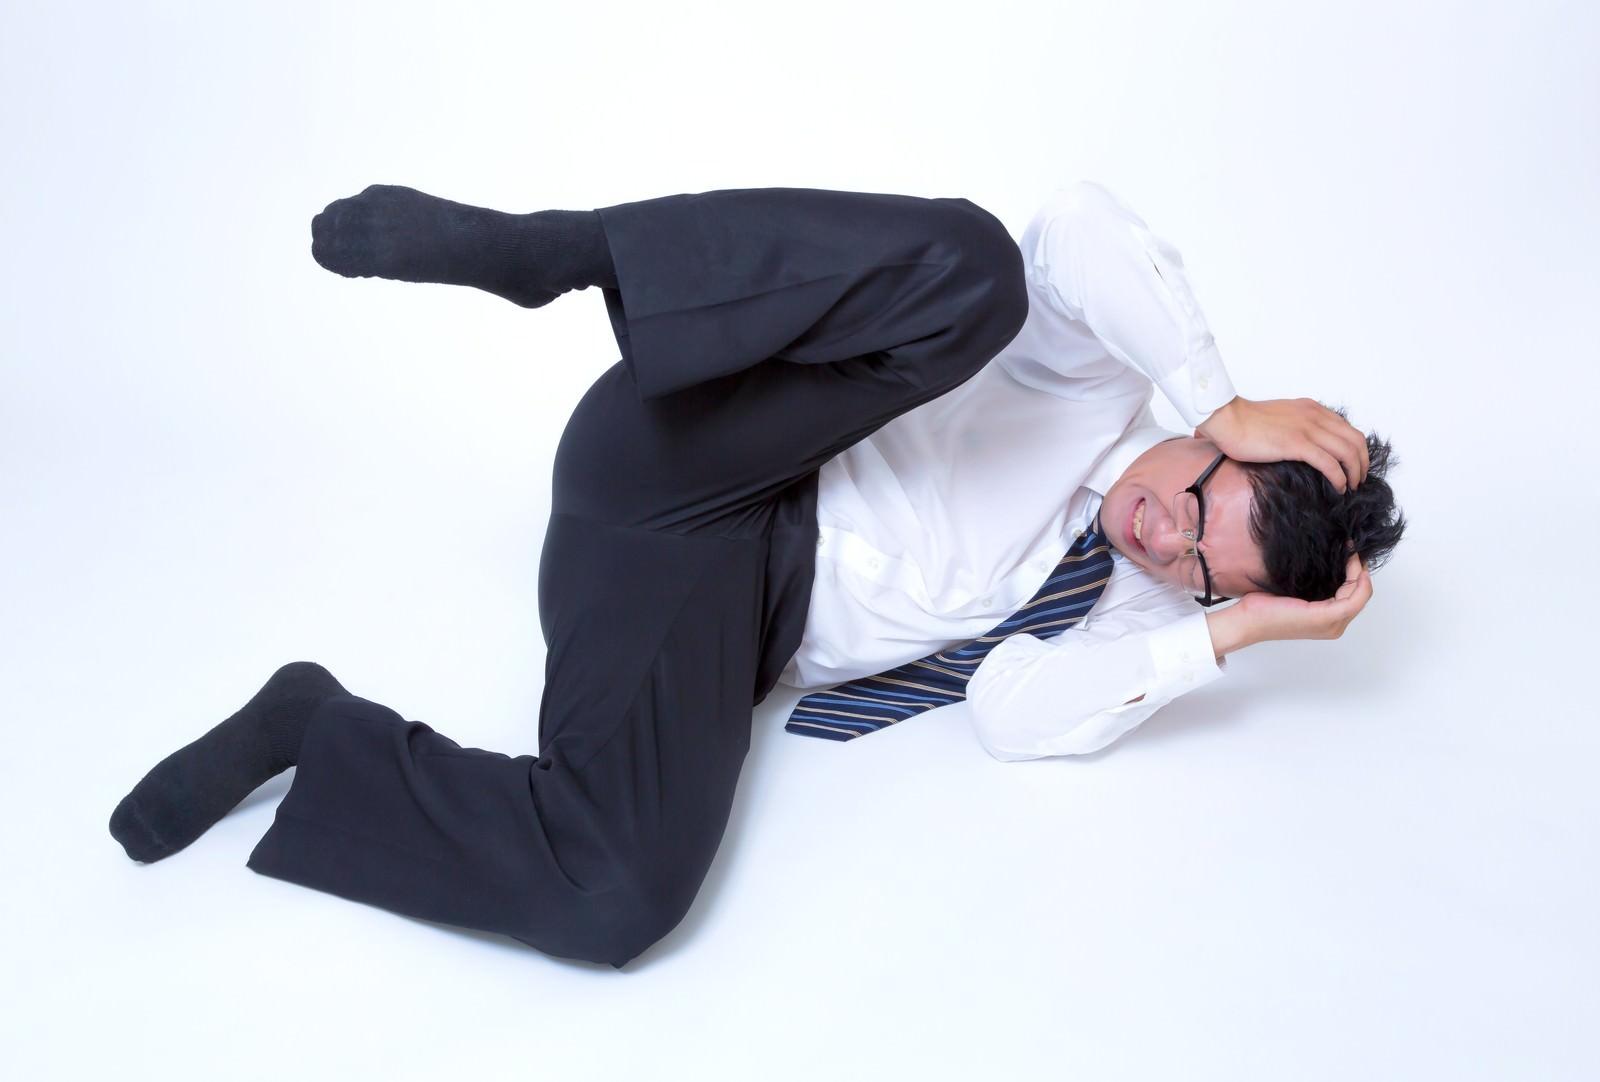 「フリー素材 頭を抱える男性」の画像検索結果